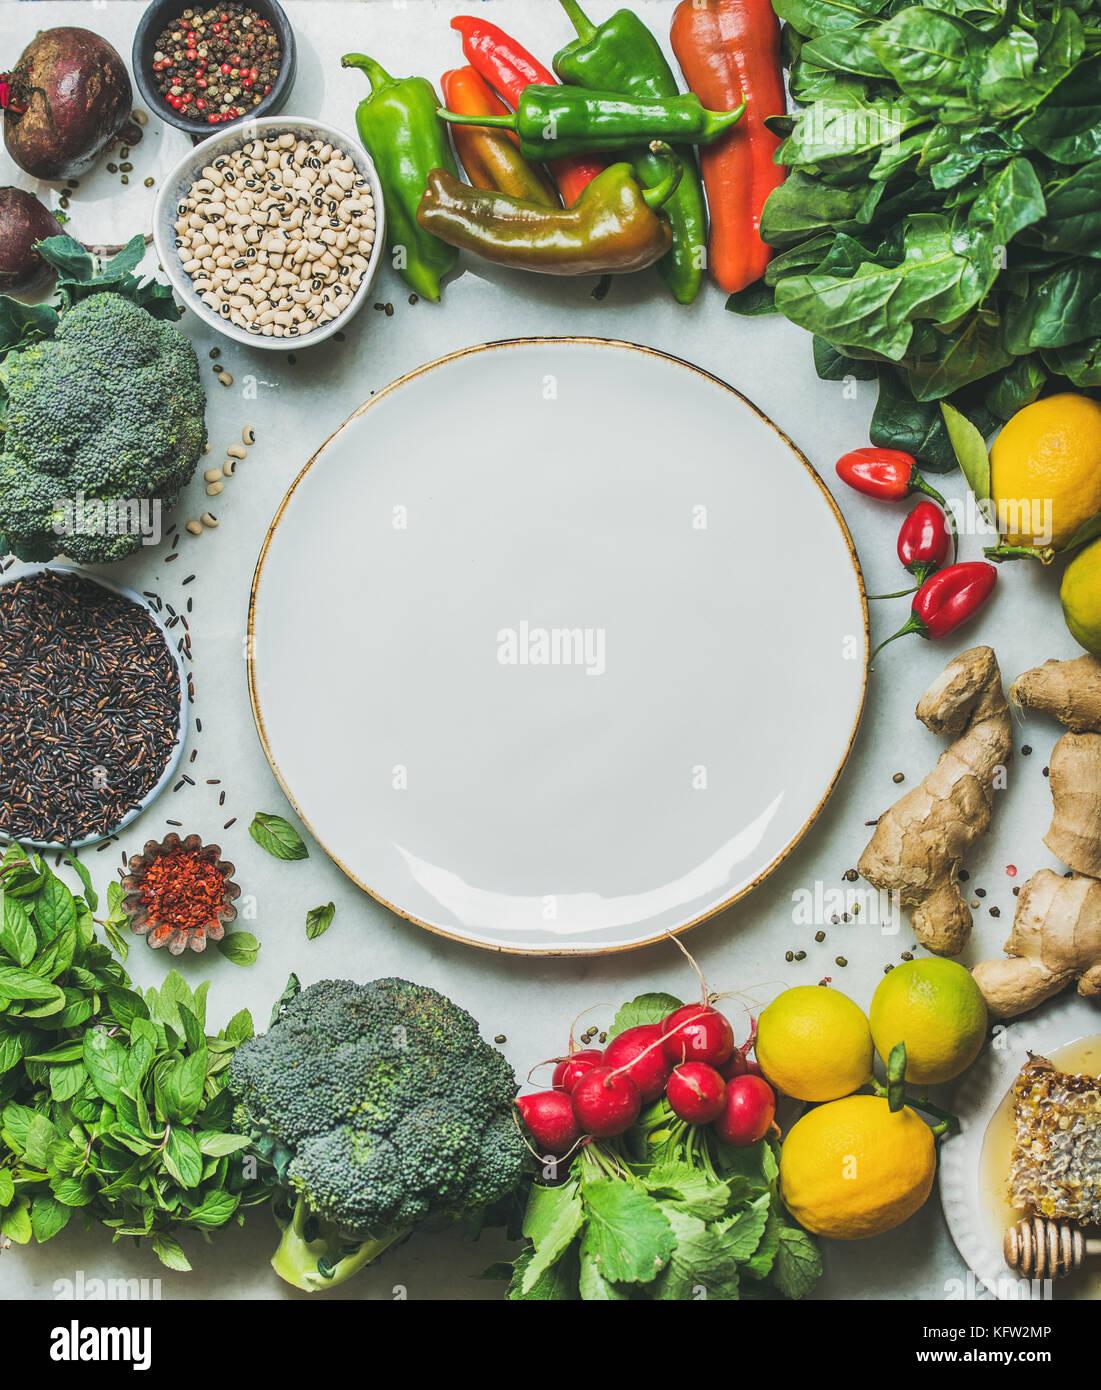 Limpiar comer sano cocinar ingredientes y placa redonda en el centro Imagen De Stock